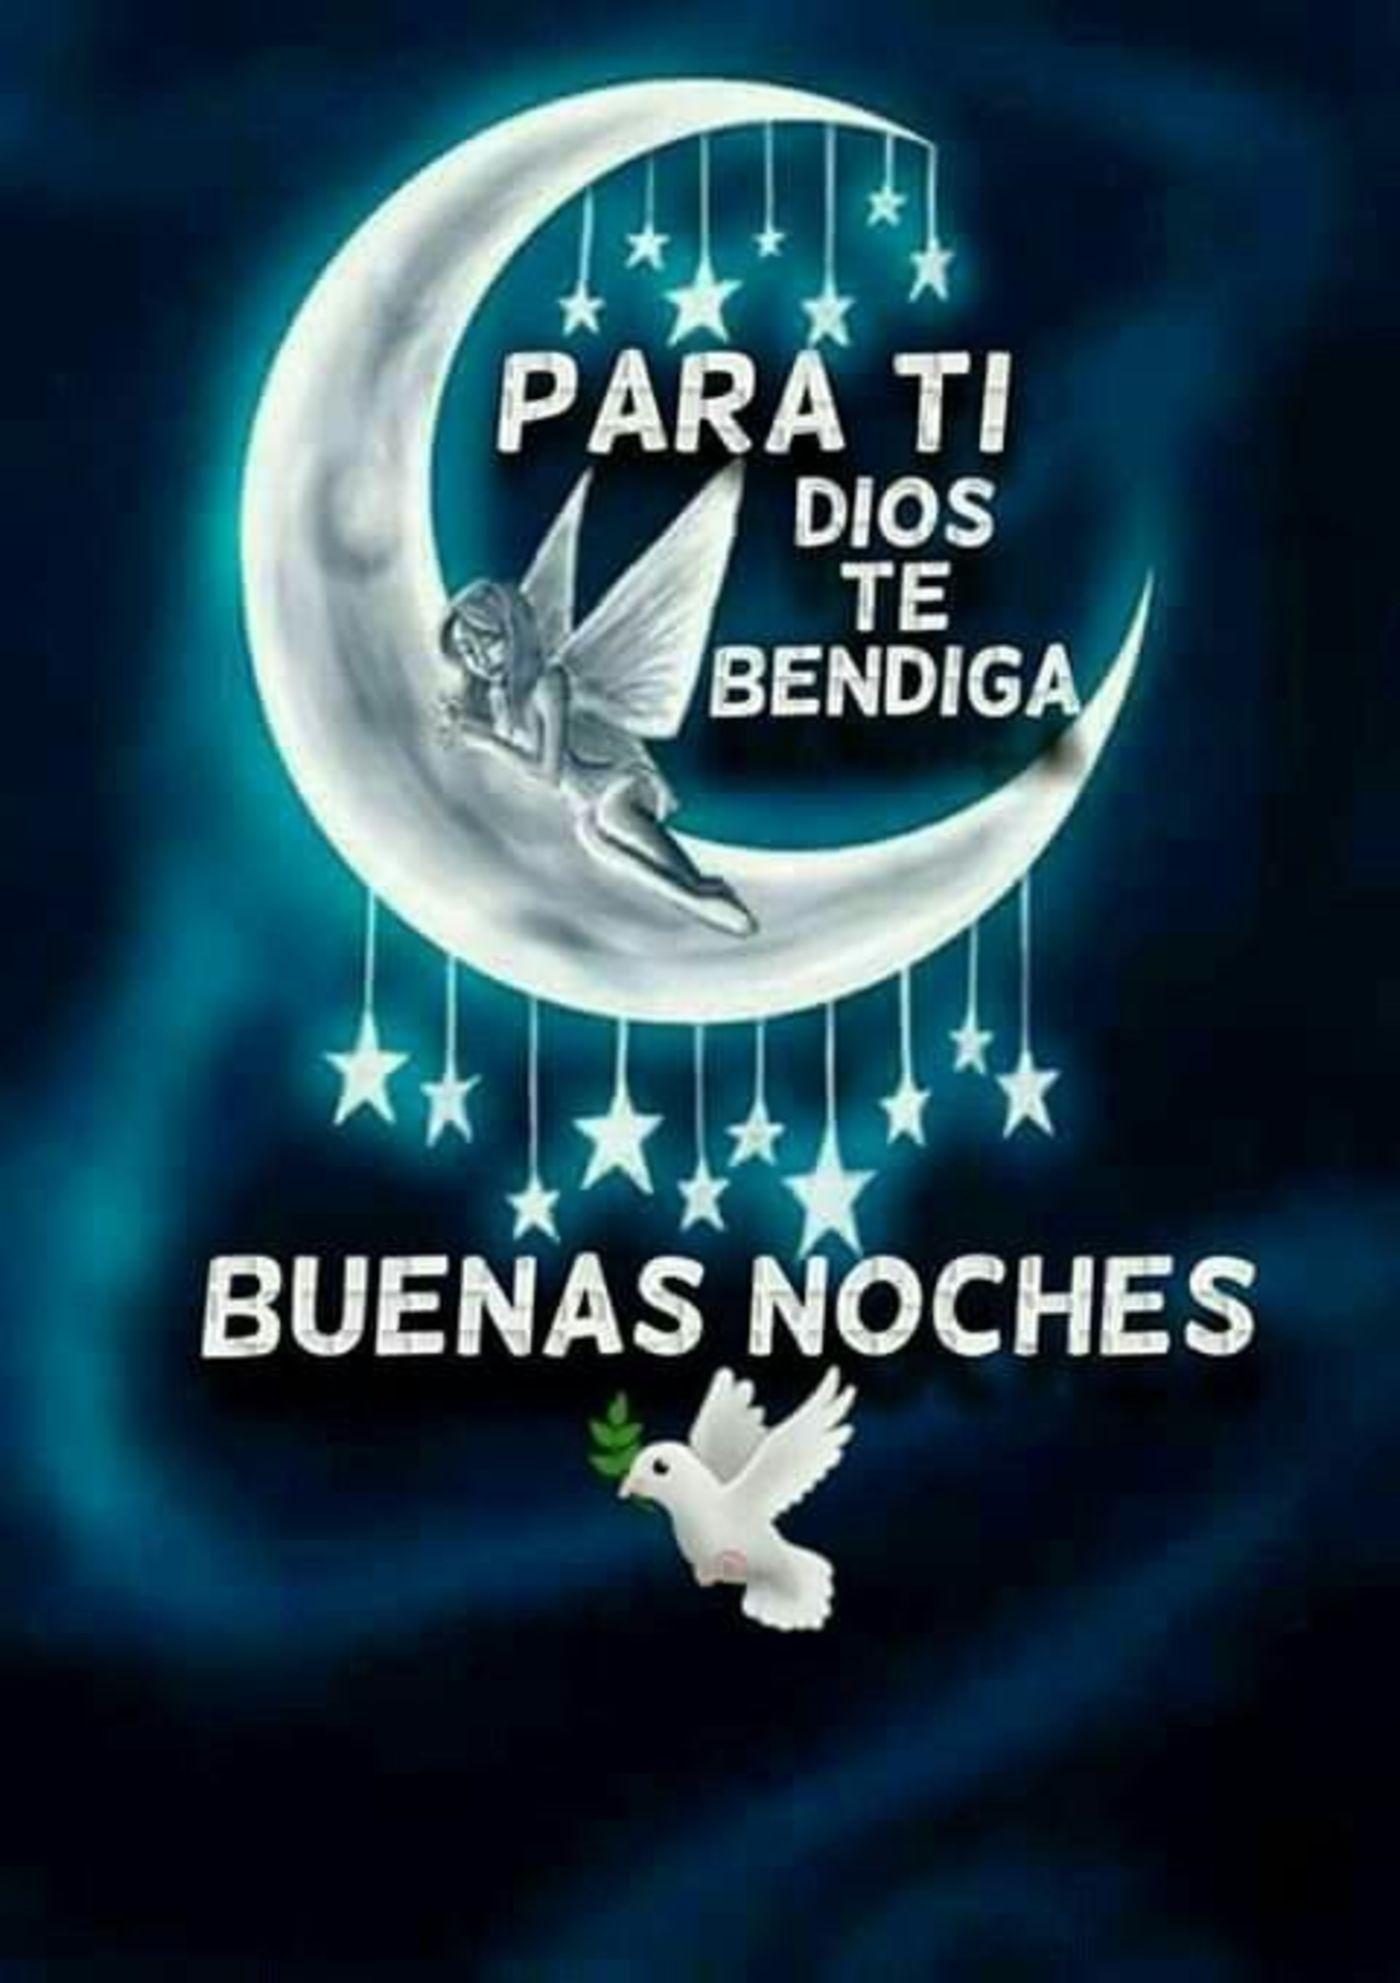 Para ti Dios te bendiga. Buenas Noches